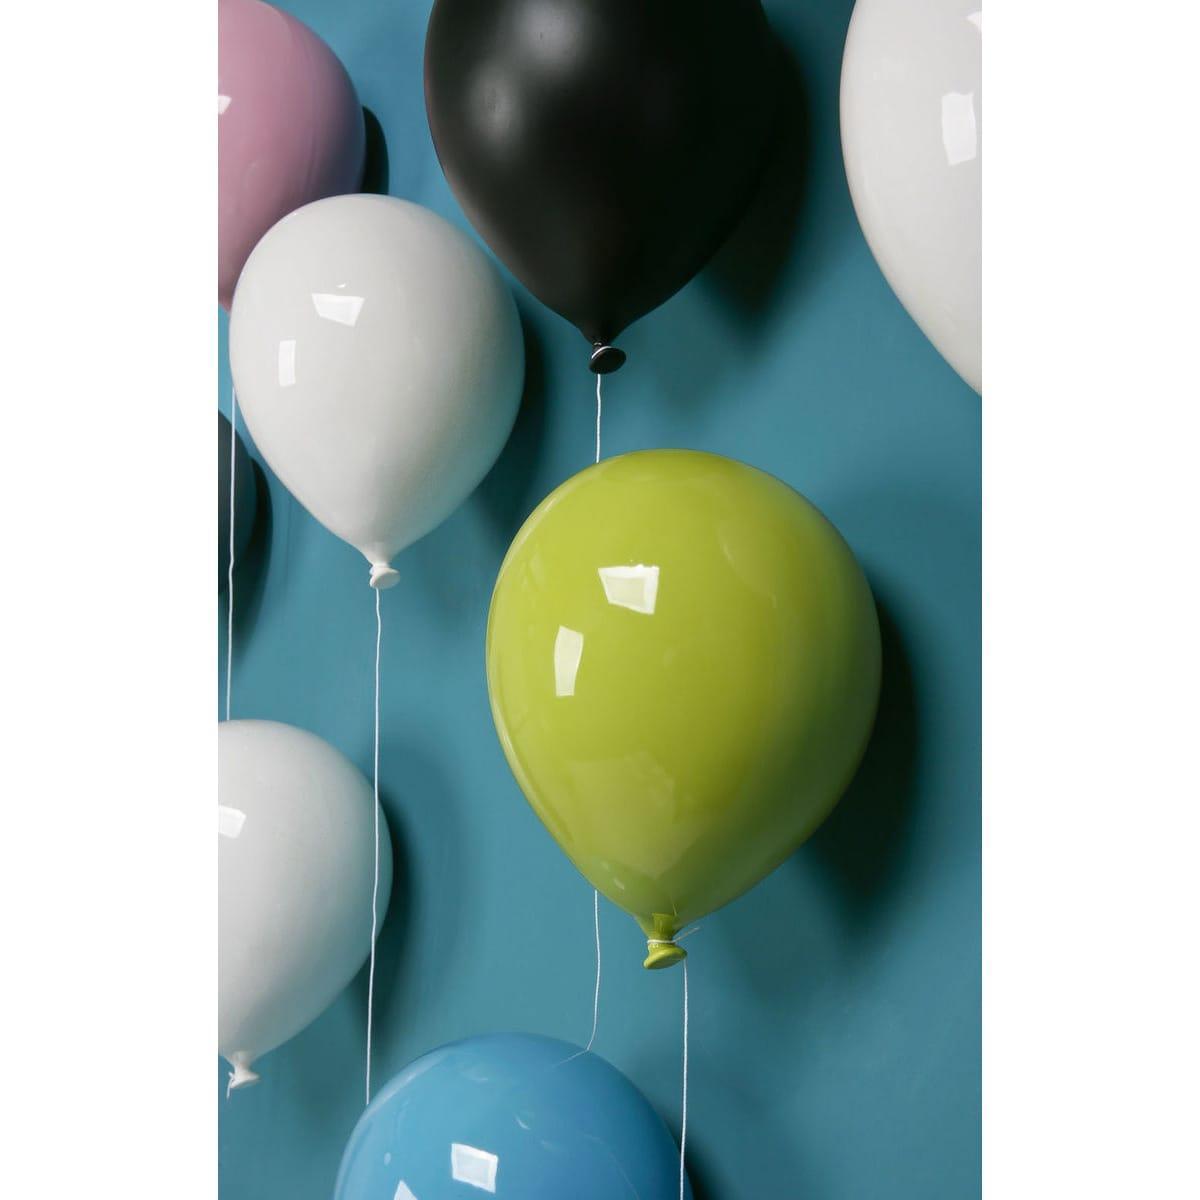 Palloncino decorativo in ceramica Balloon bianco, azzurro, rosa e verde su parete